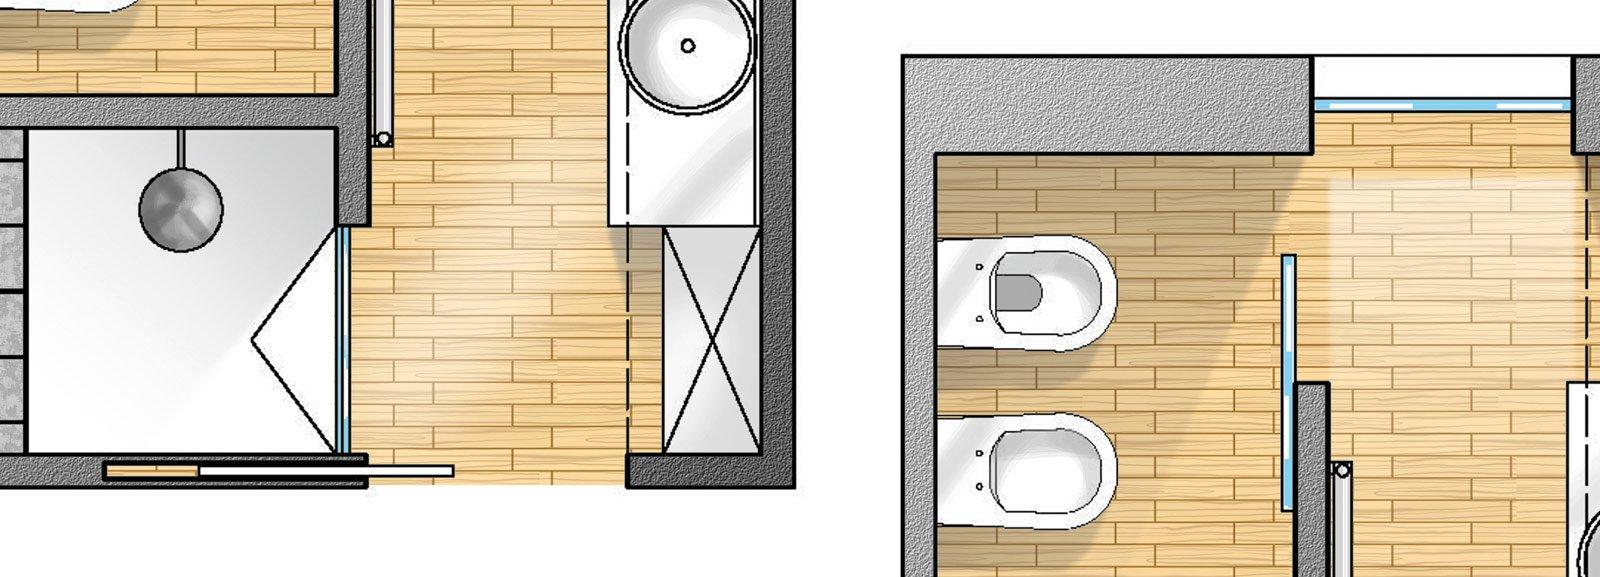 Bagno con pianta del progetto e costi dei lavori seconda for Piccoli progetti di casa castellana